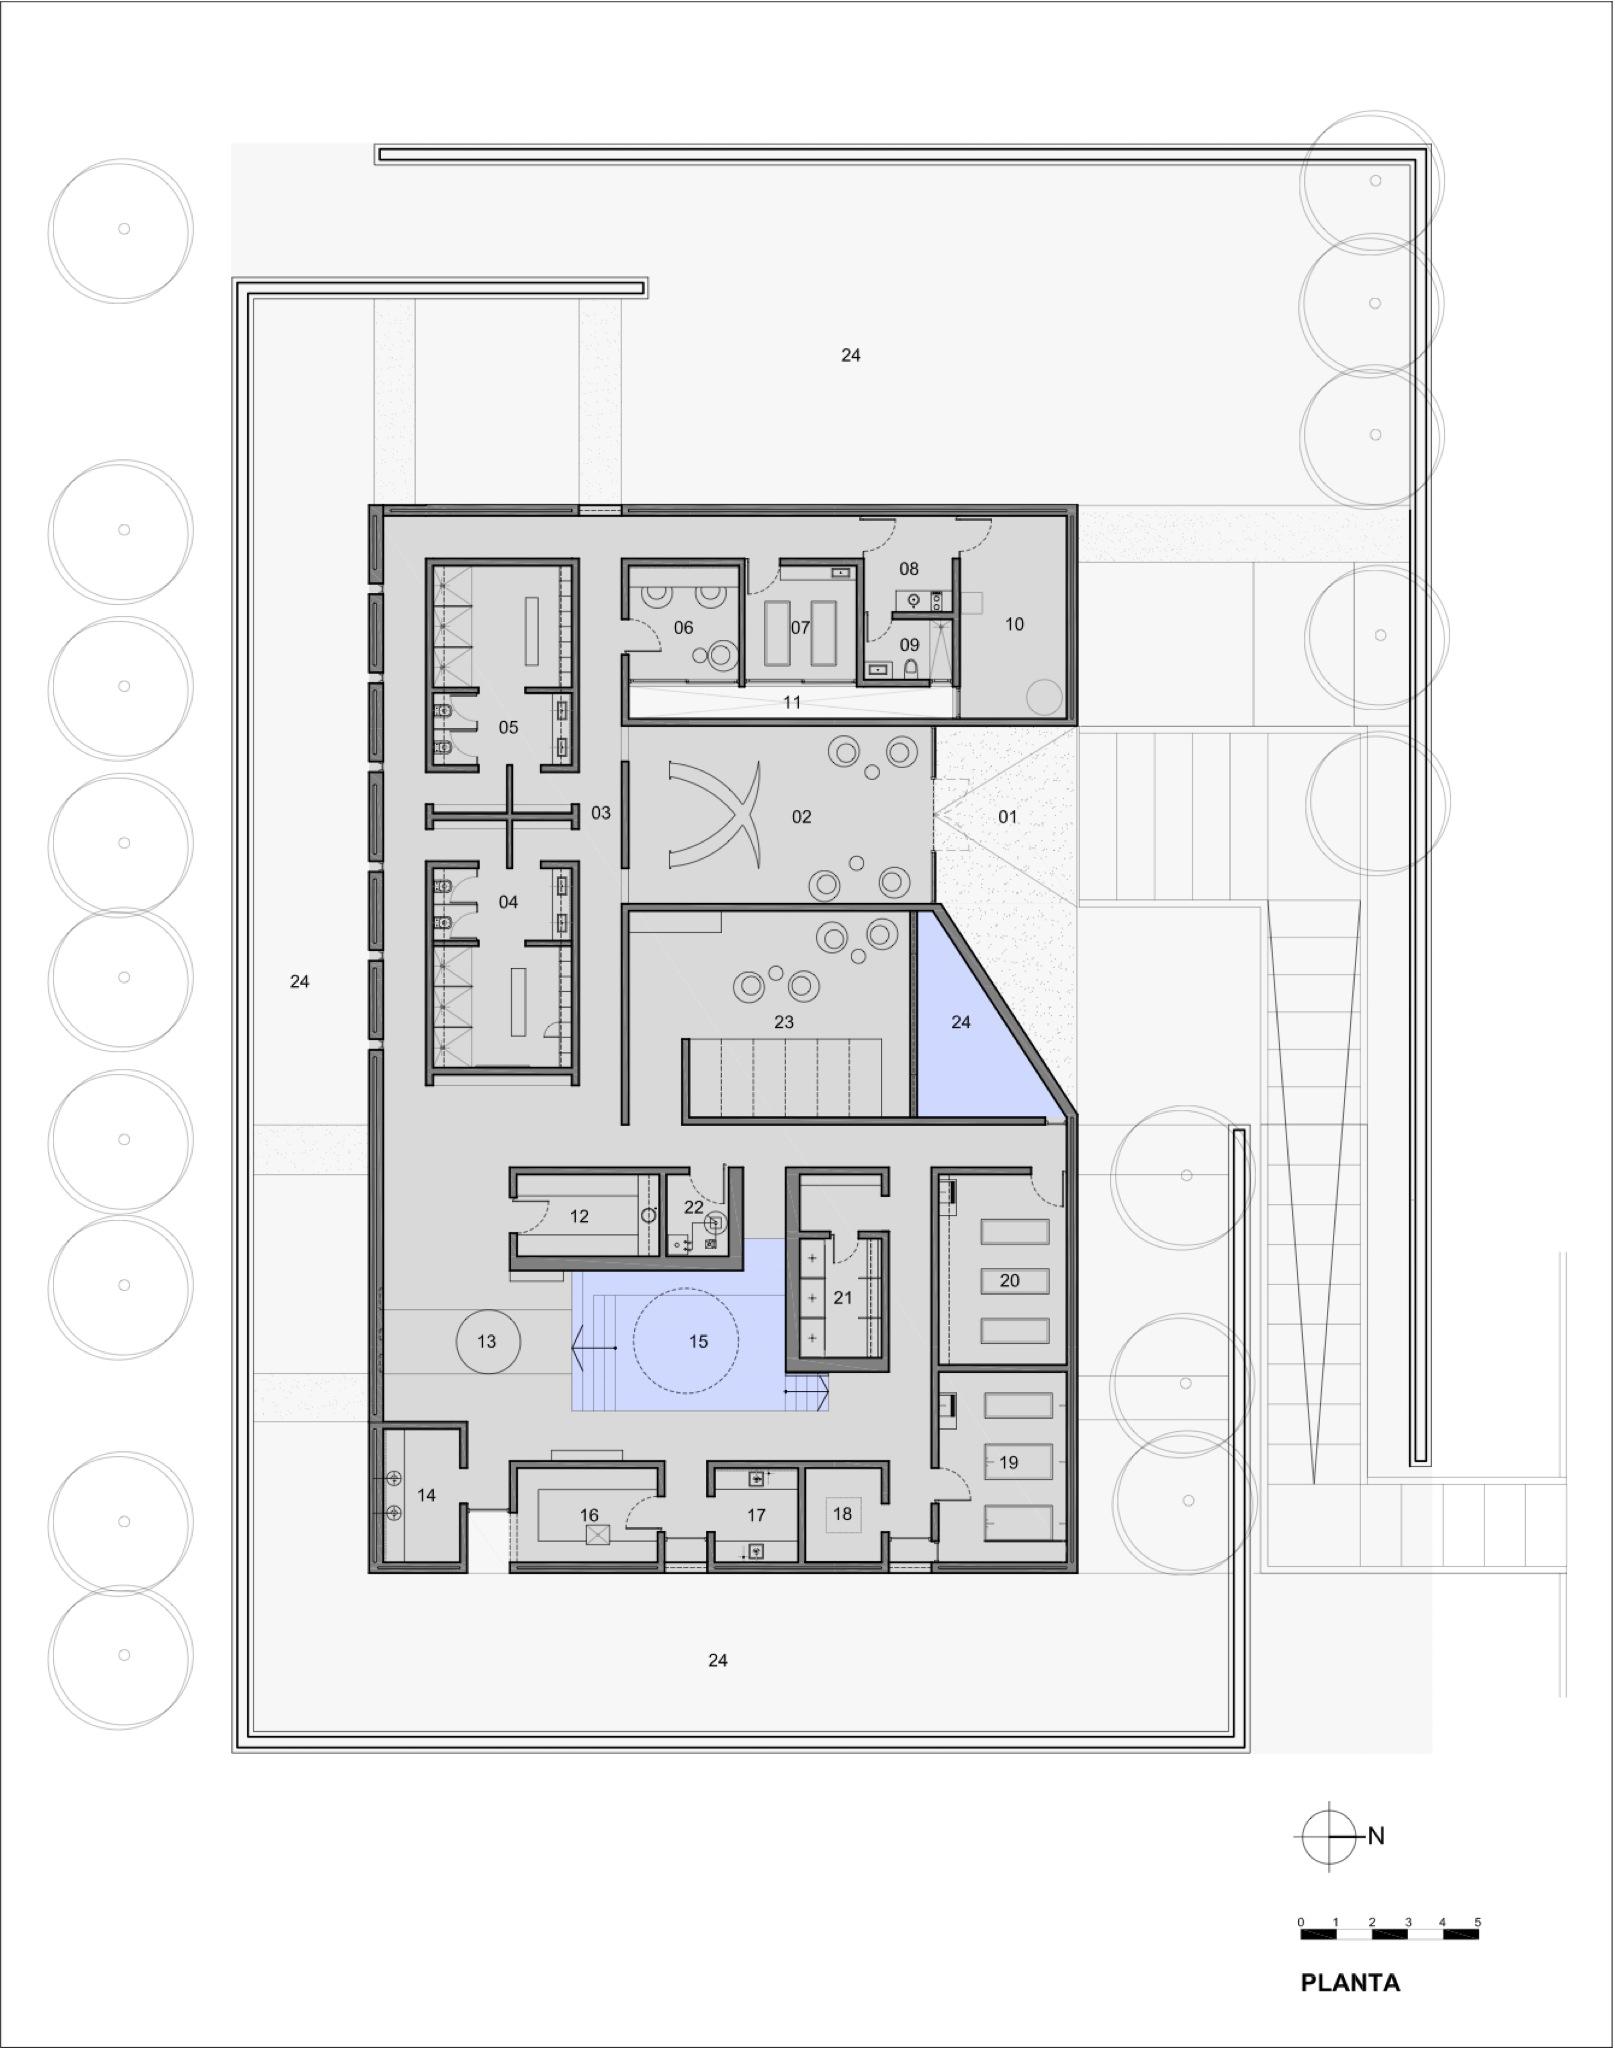 Galeria de entre cielos hotel spa a4 estudio 59 for Plantas salon